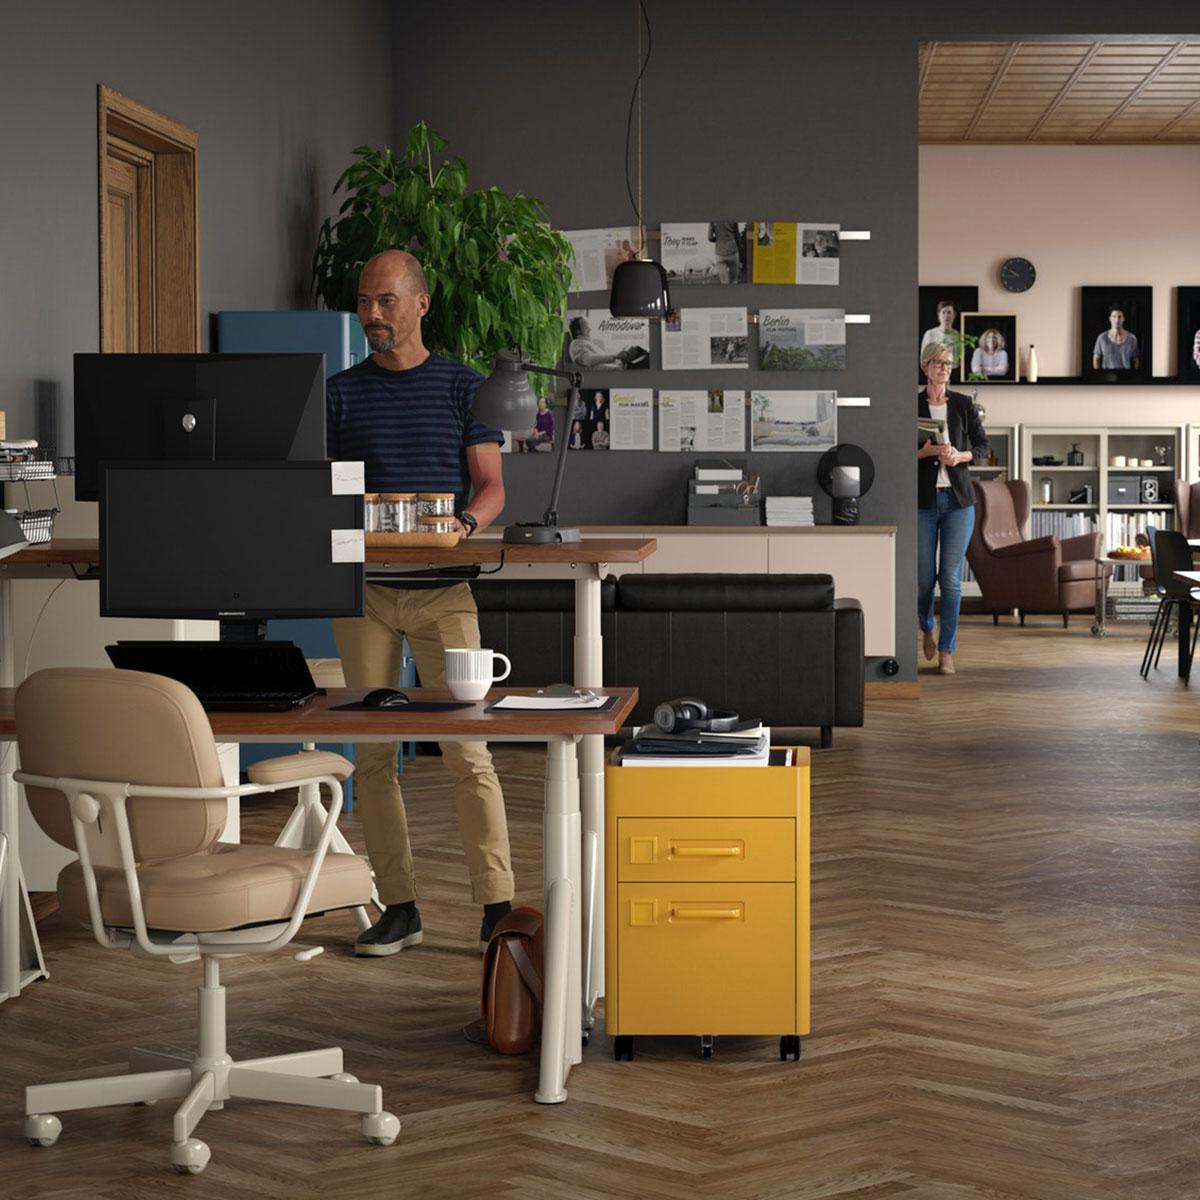 IKEA Business hilft Ihnen dabei, die Kultur Ihres Unternehmens mit freundlichem Zubehör wie Schreibtischorganisation, Einsätzen und Schreibutensilien, aber auch IDÅSEN Schubladenelementen auf Rollen goldbraun auszudrücken. Gleichzeitig bietet es ergonomische Schreibtisch- und Stuhllösungen.